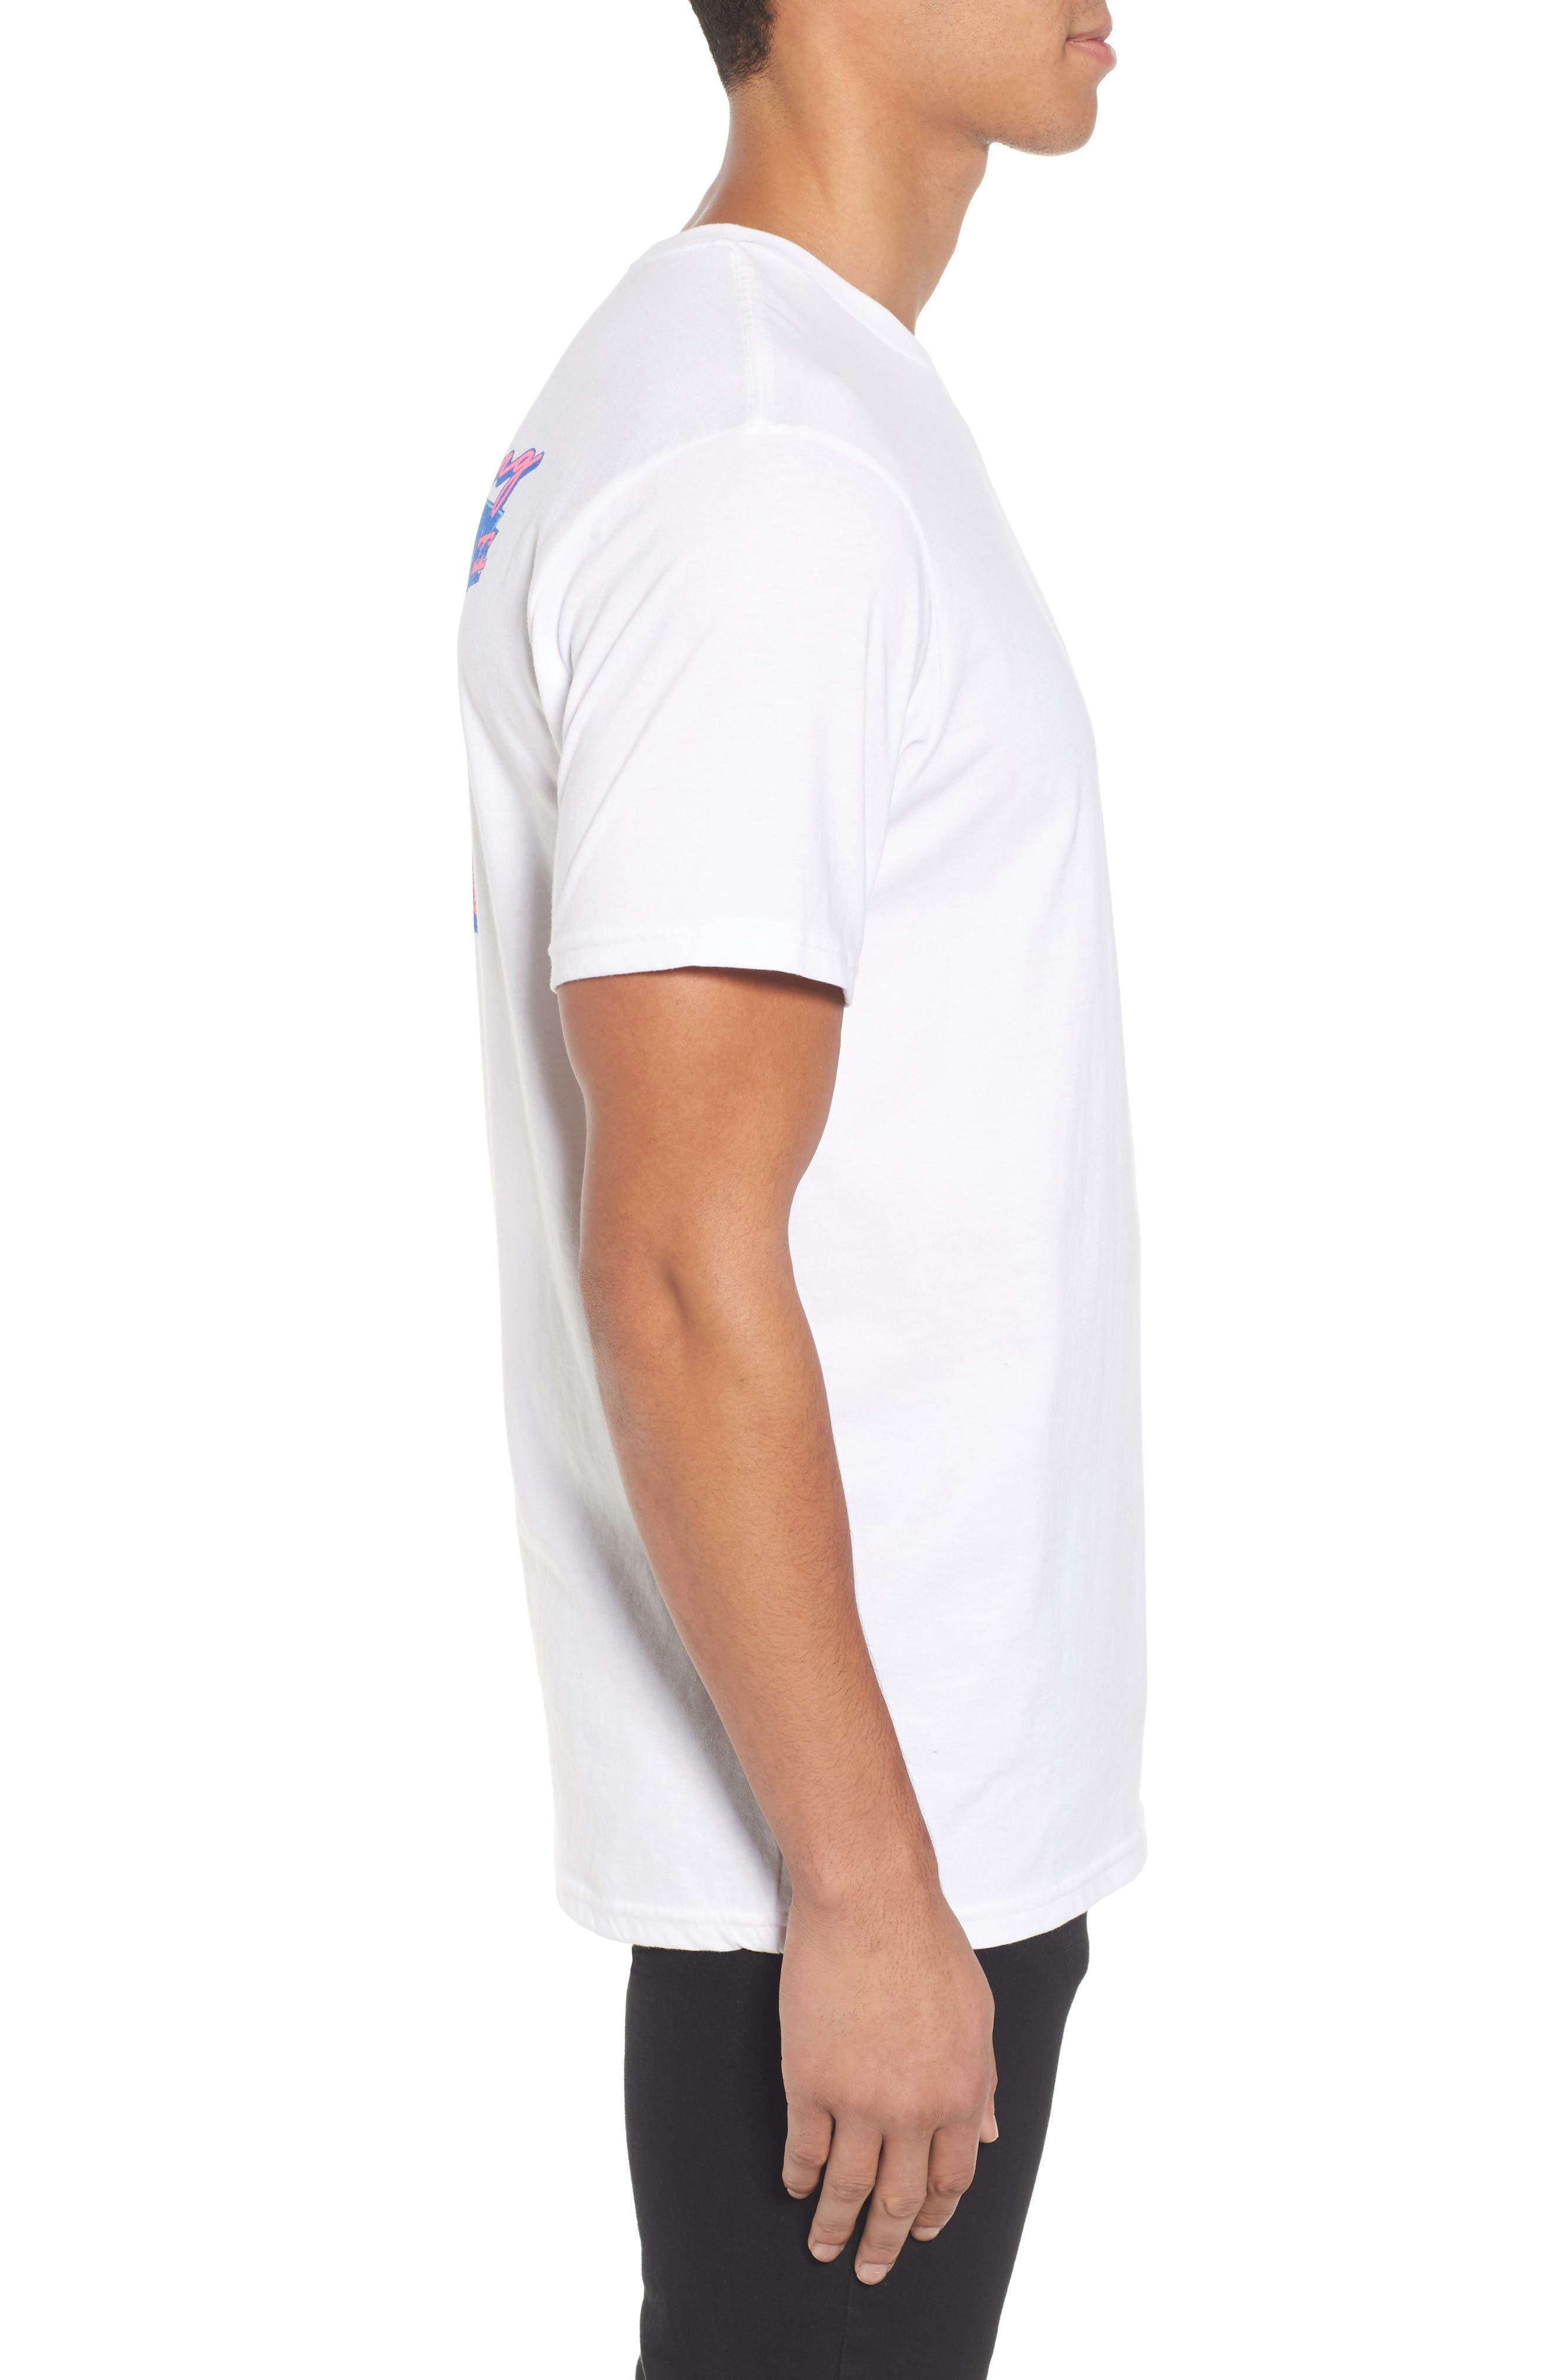 Pigdog T-Shirt,                             Alternate thumbnail 3, color,